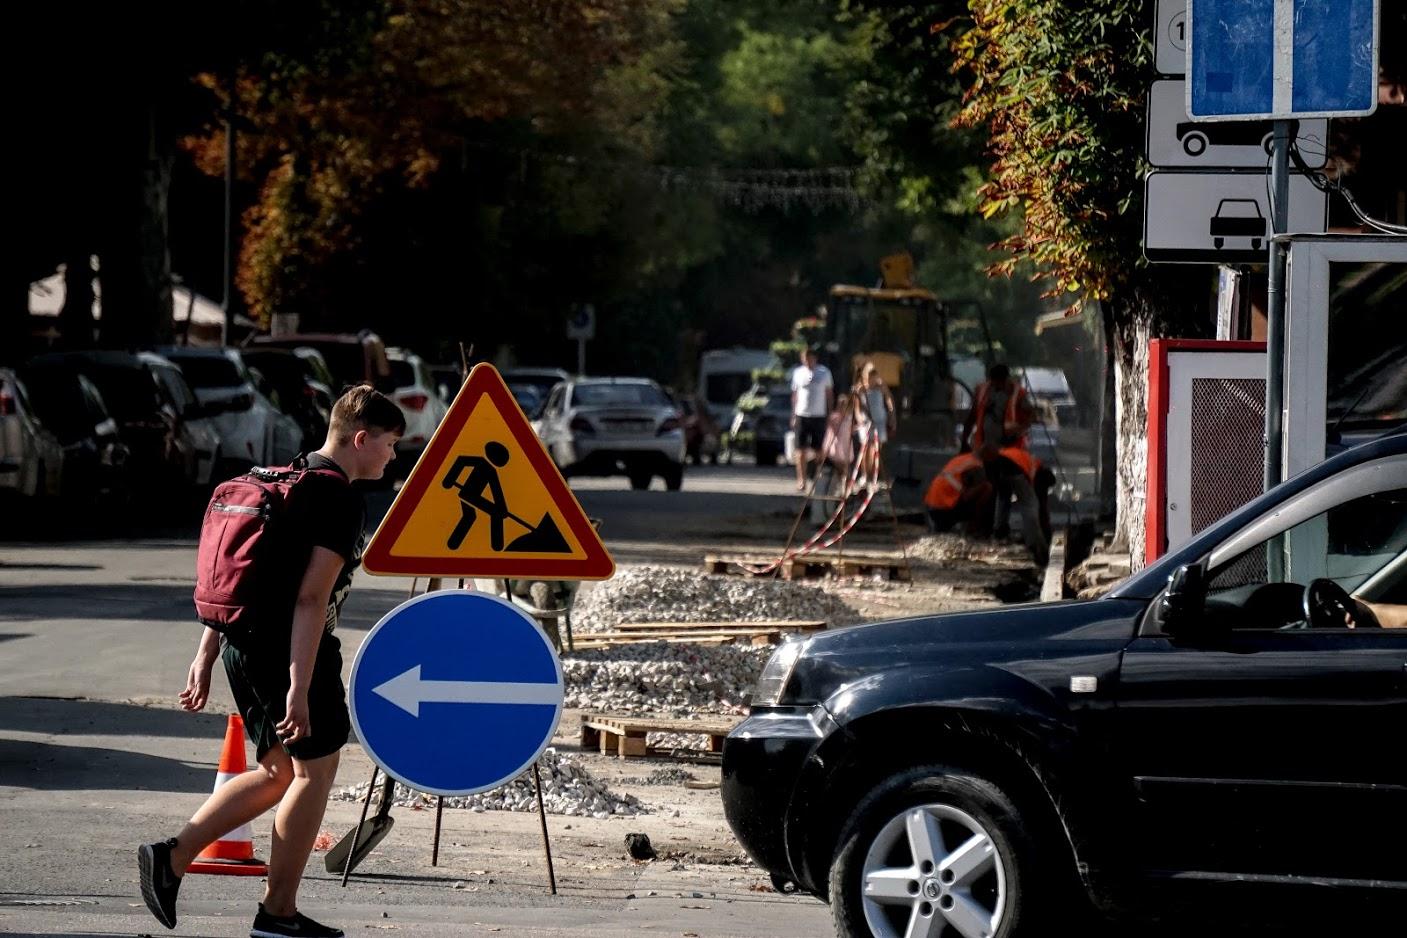 В 2021 году отремонтируют дорогу на улице Футболистов в Симферополе